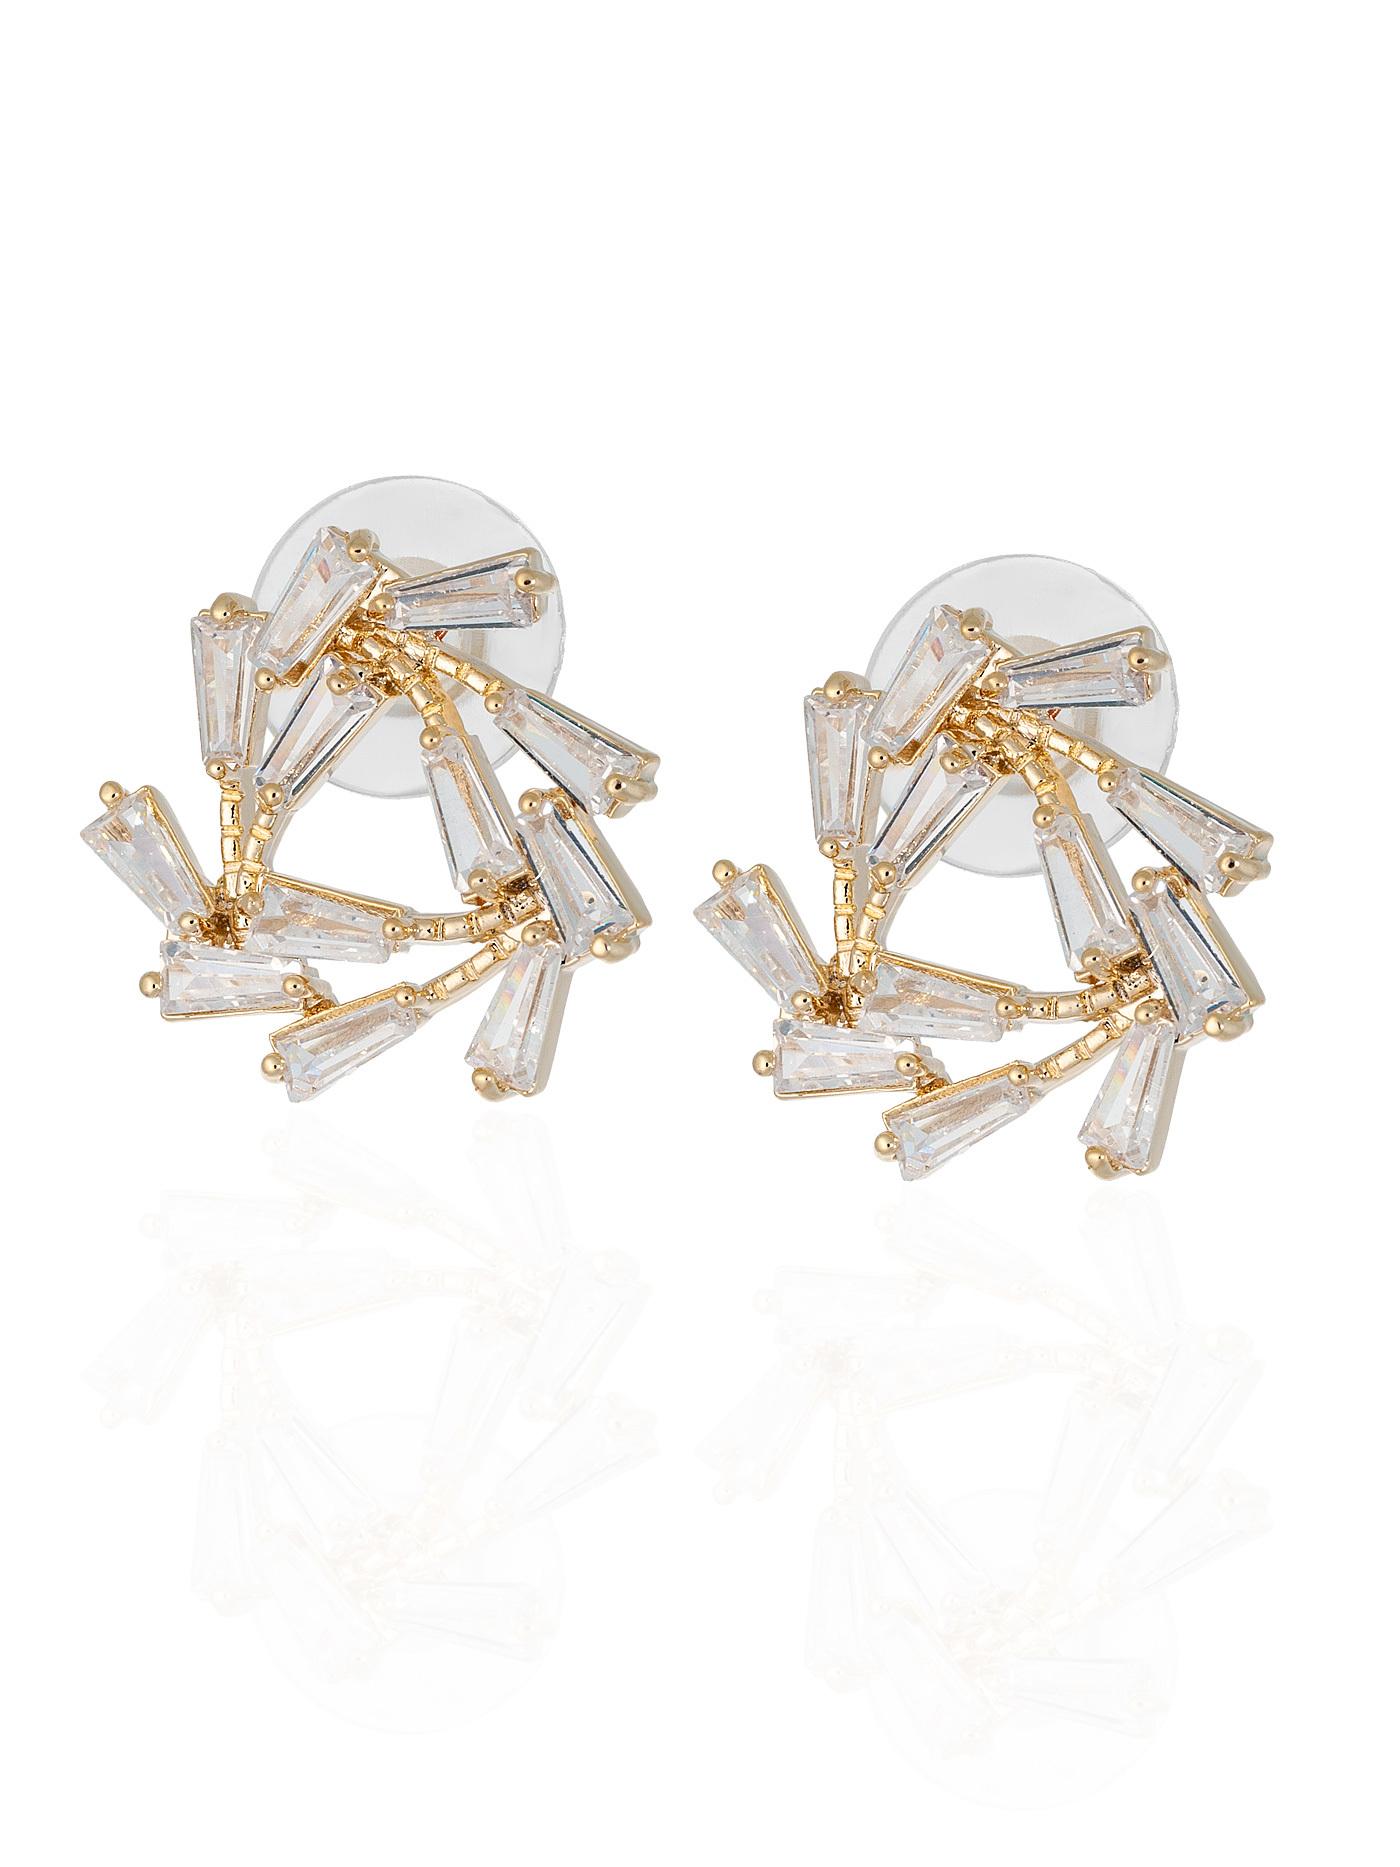 Серьги с кристаллами в подарочной коробке, стильные подарки